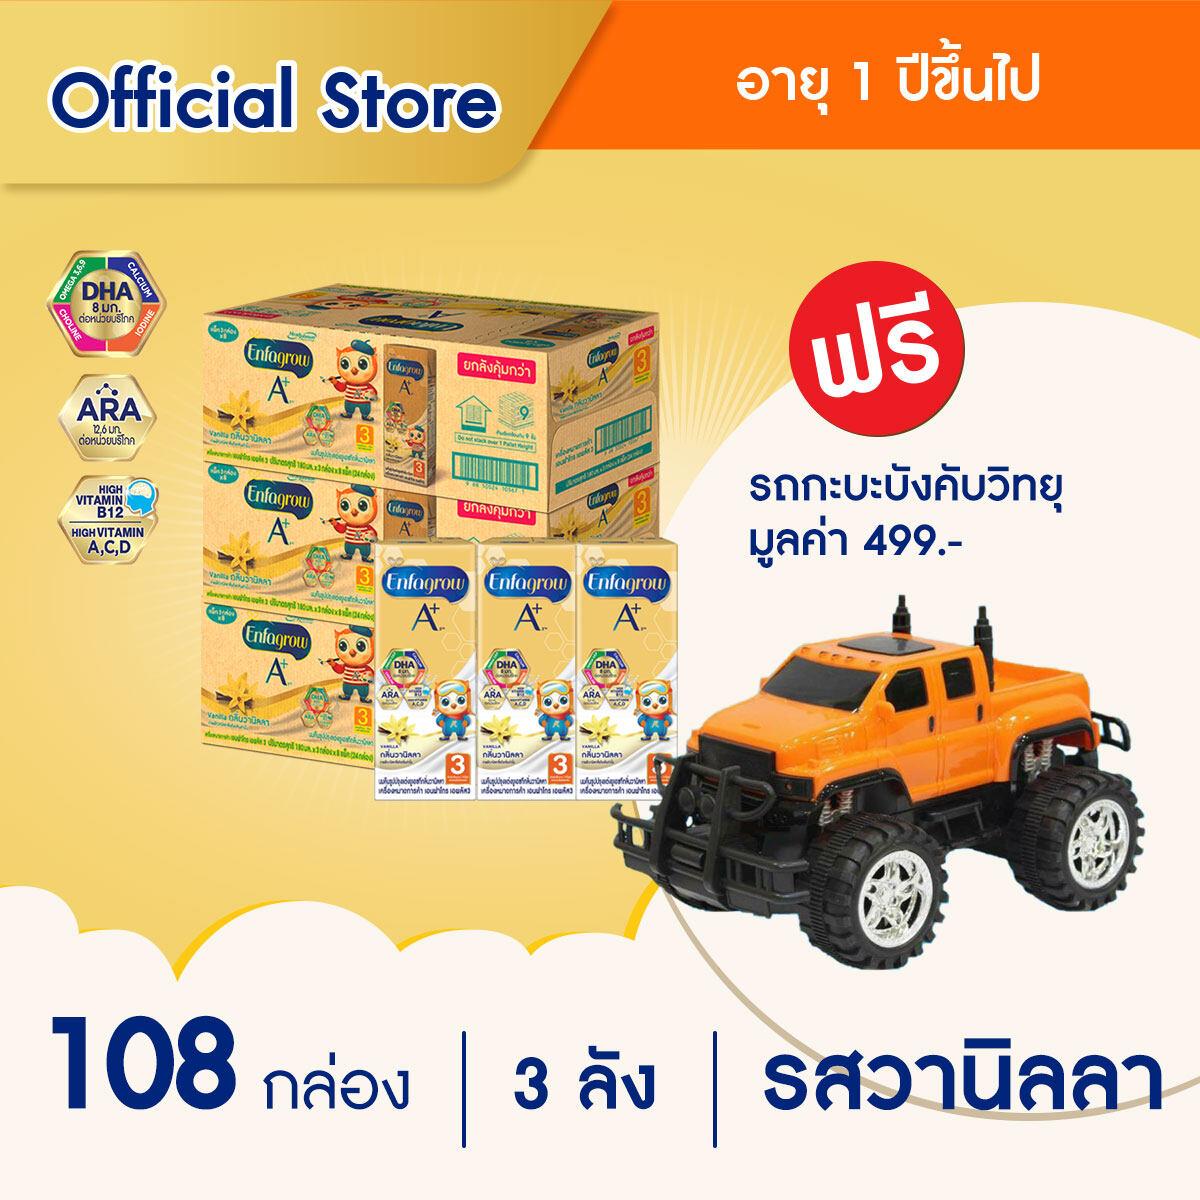 ราคา เอนฟาโกร เอพลัส สูตร 3 รสวานิลลา นมกล่อง ยูเอชที สำหรับ เด็ก 36 กล่อง x 3 ลัง ฟรี!! รถกะบะบังคับวิทยุ Enfagrow A+ UHT Formula 3 Vanilla 36 x 3 Boxes Free!! Stunt car remote control